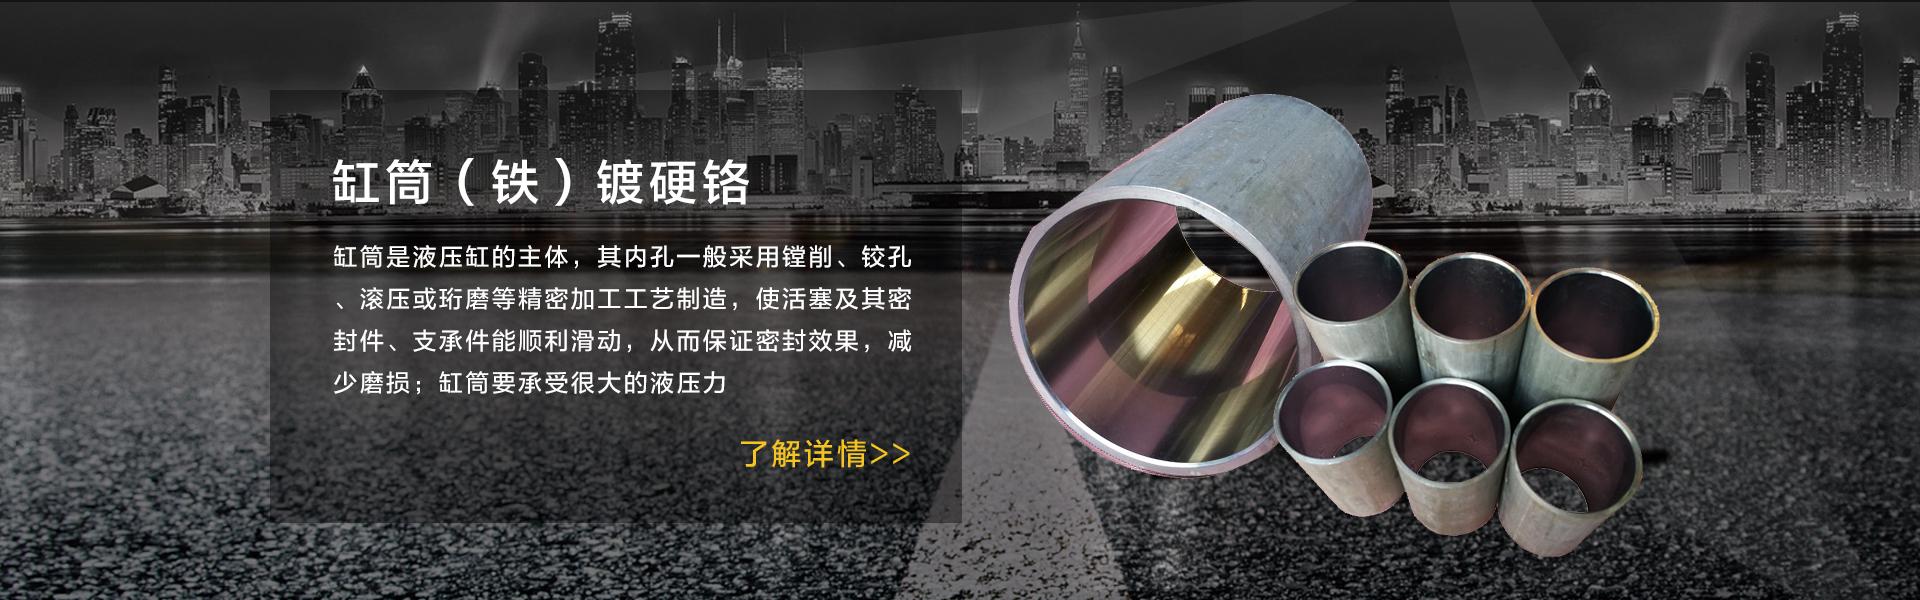 高要毅鸿电镀排列5历史号码是一家从事硬铬电镀的企业。